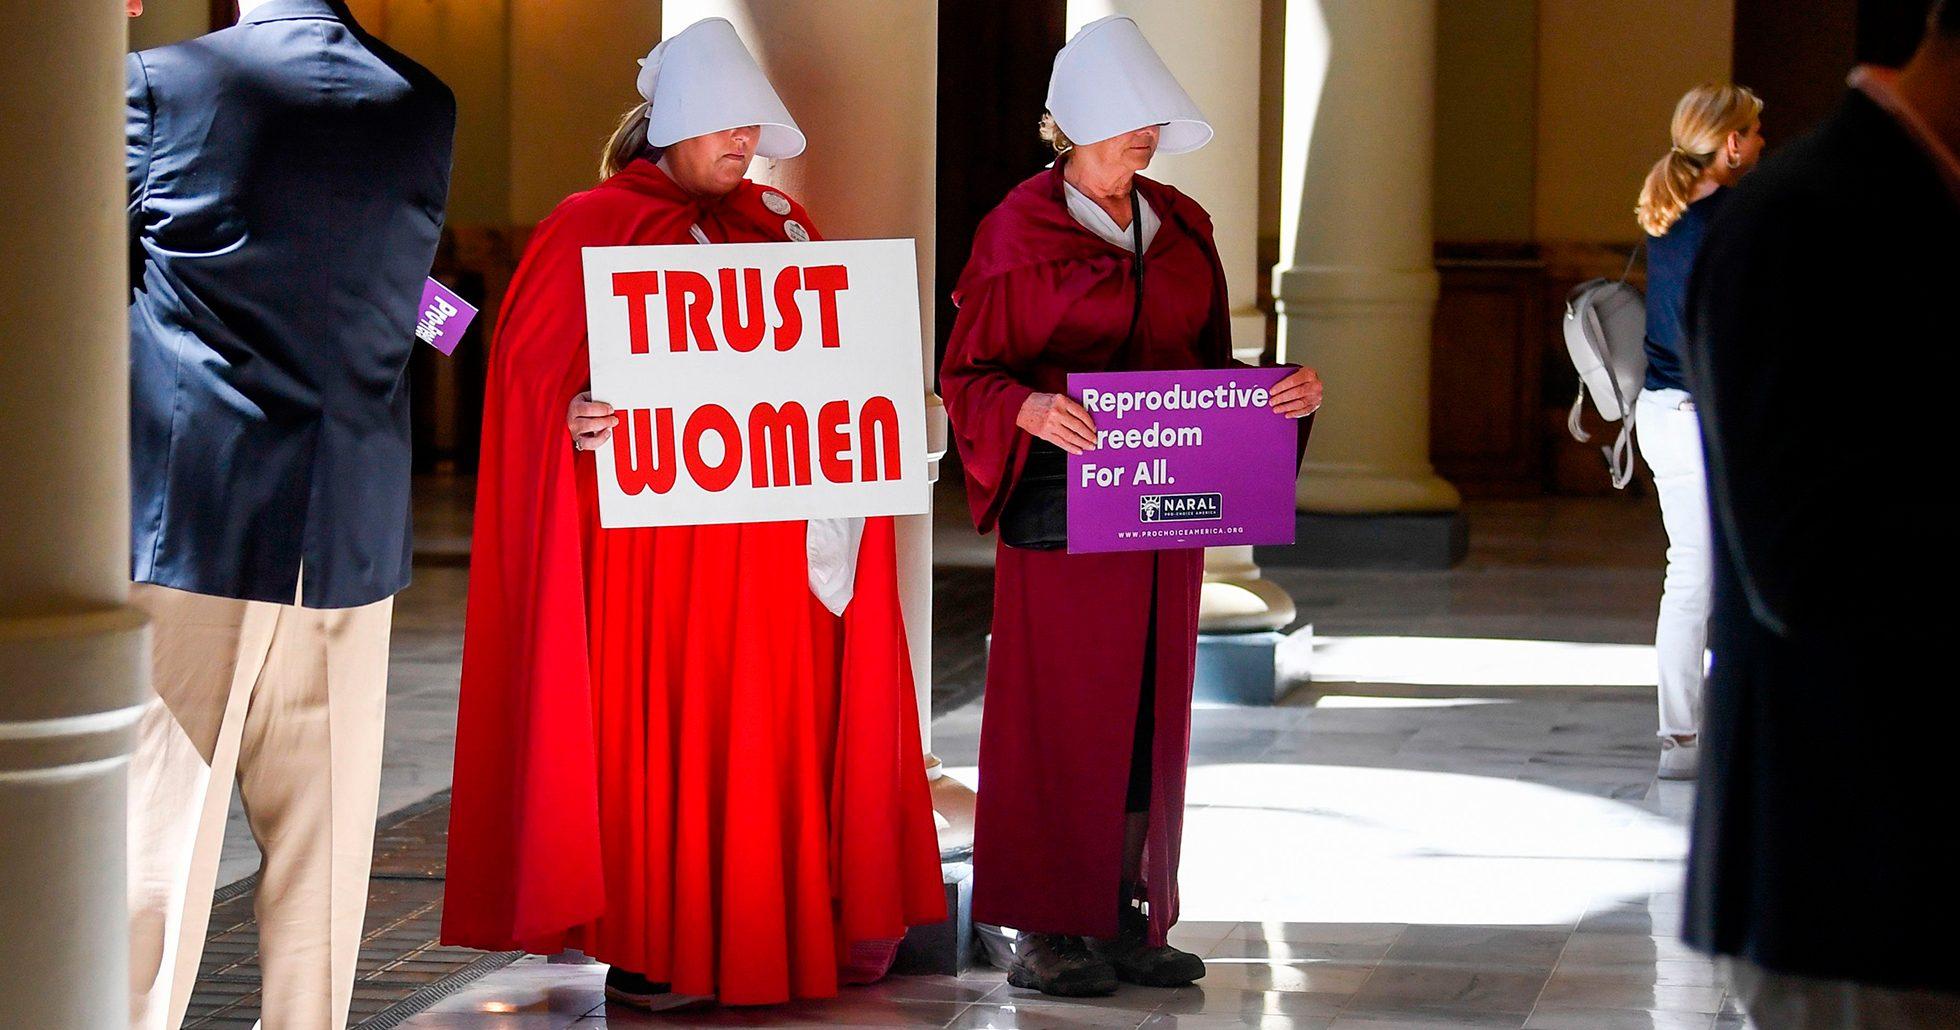 Kvinnor, klädda som karaktärer i handmaid's tale, protesterar mot Alabamas stränga abortlag.